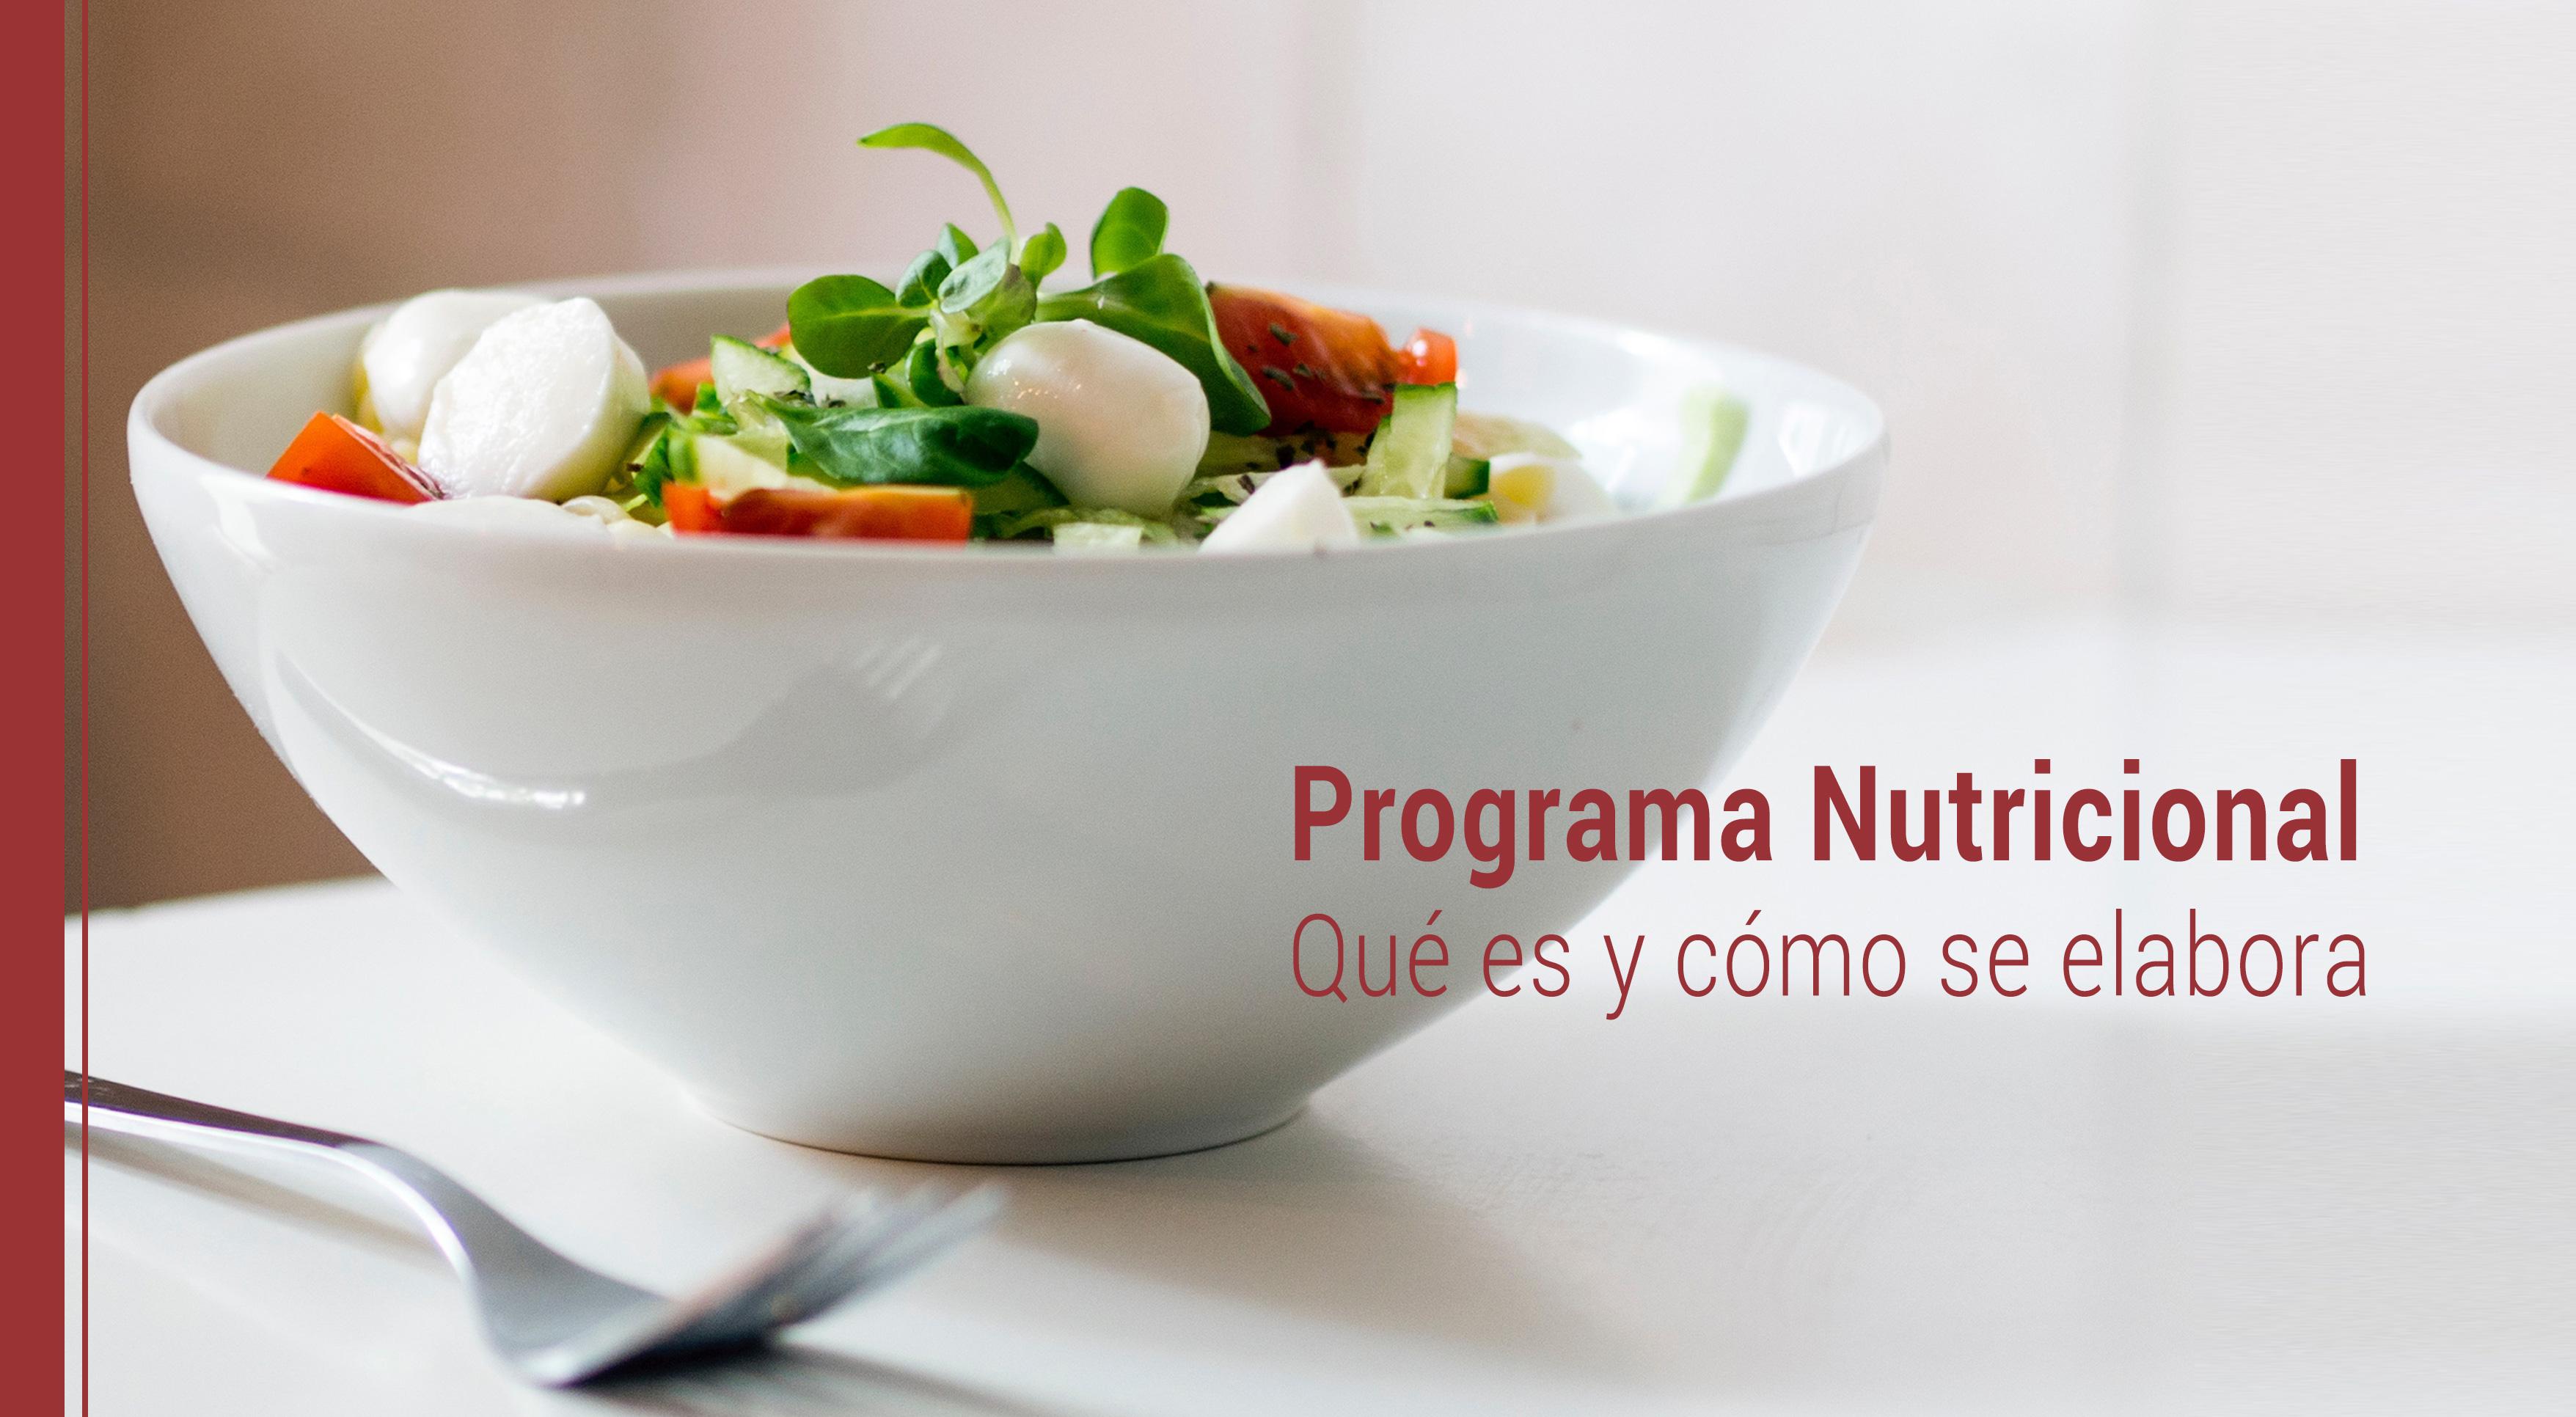 programa-nutricional-que-es-como-se-elabora Qué es un Programa Nutricional y cómo se elabora